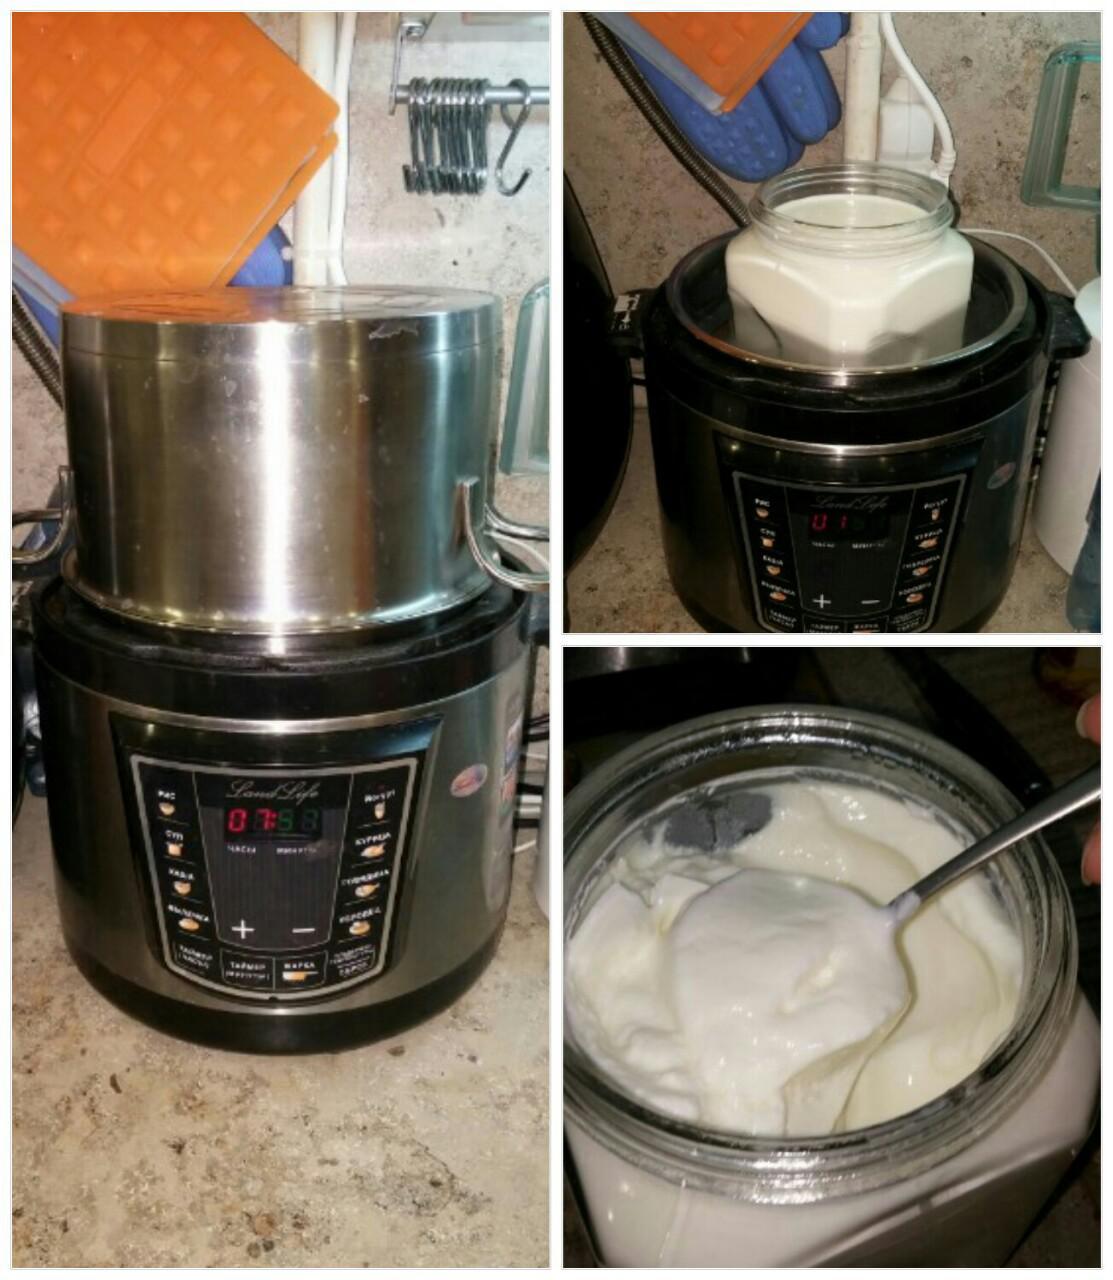 Приготовление йогурта нетрадиционным способом (термос, духовка, мультиварка etc)